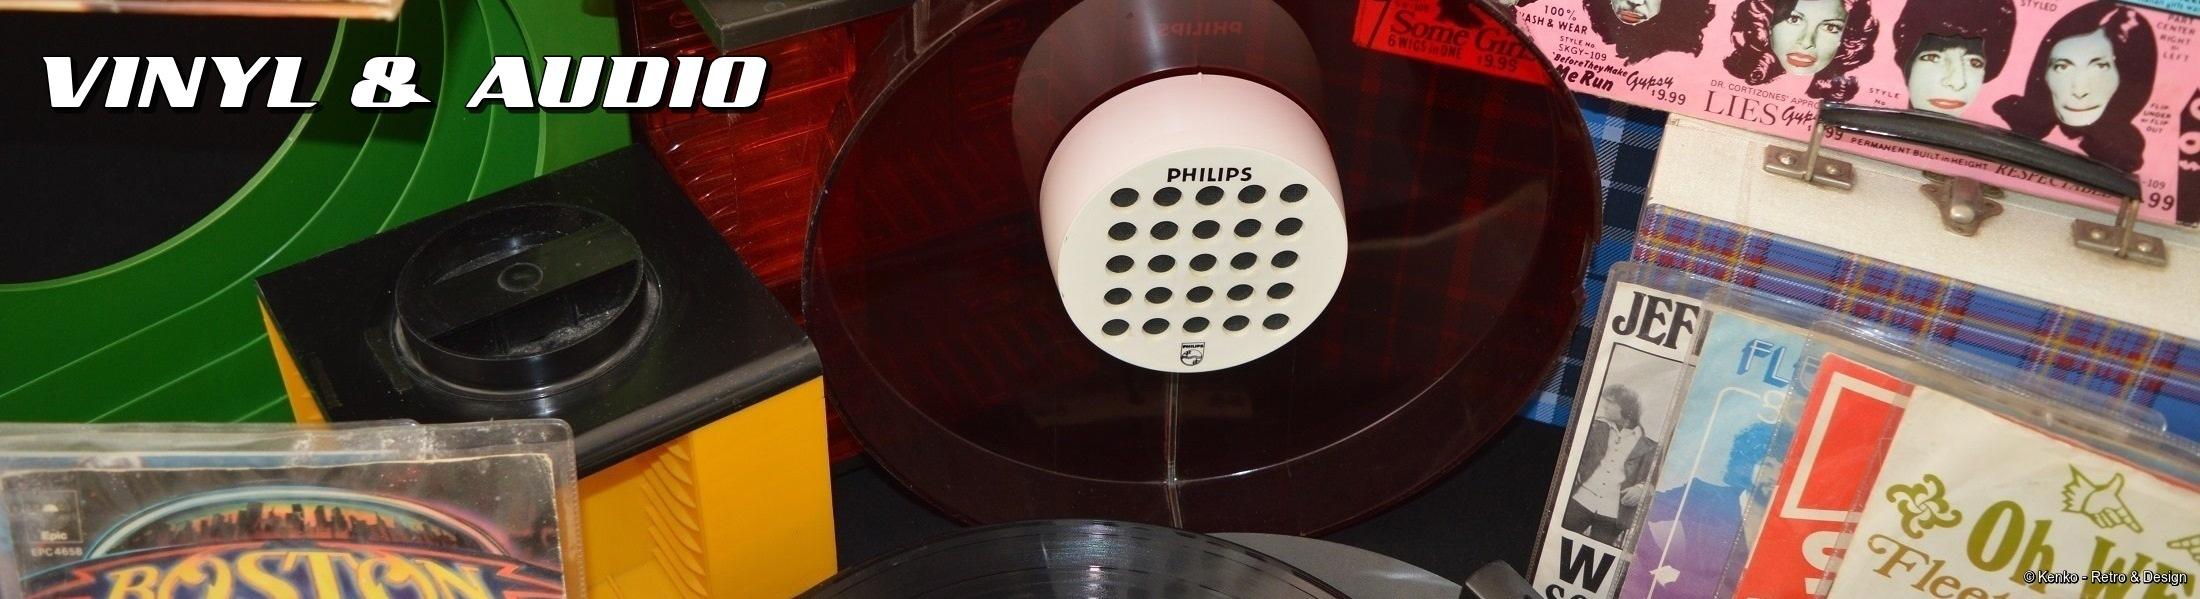 Vinyl & Audio